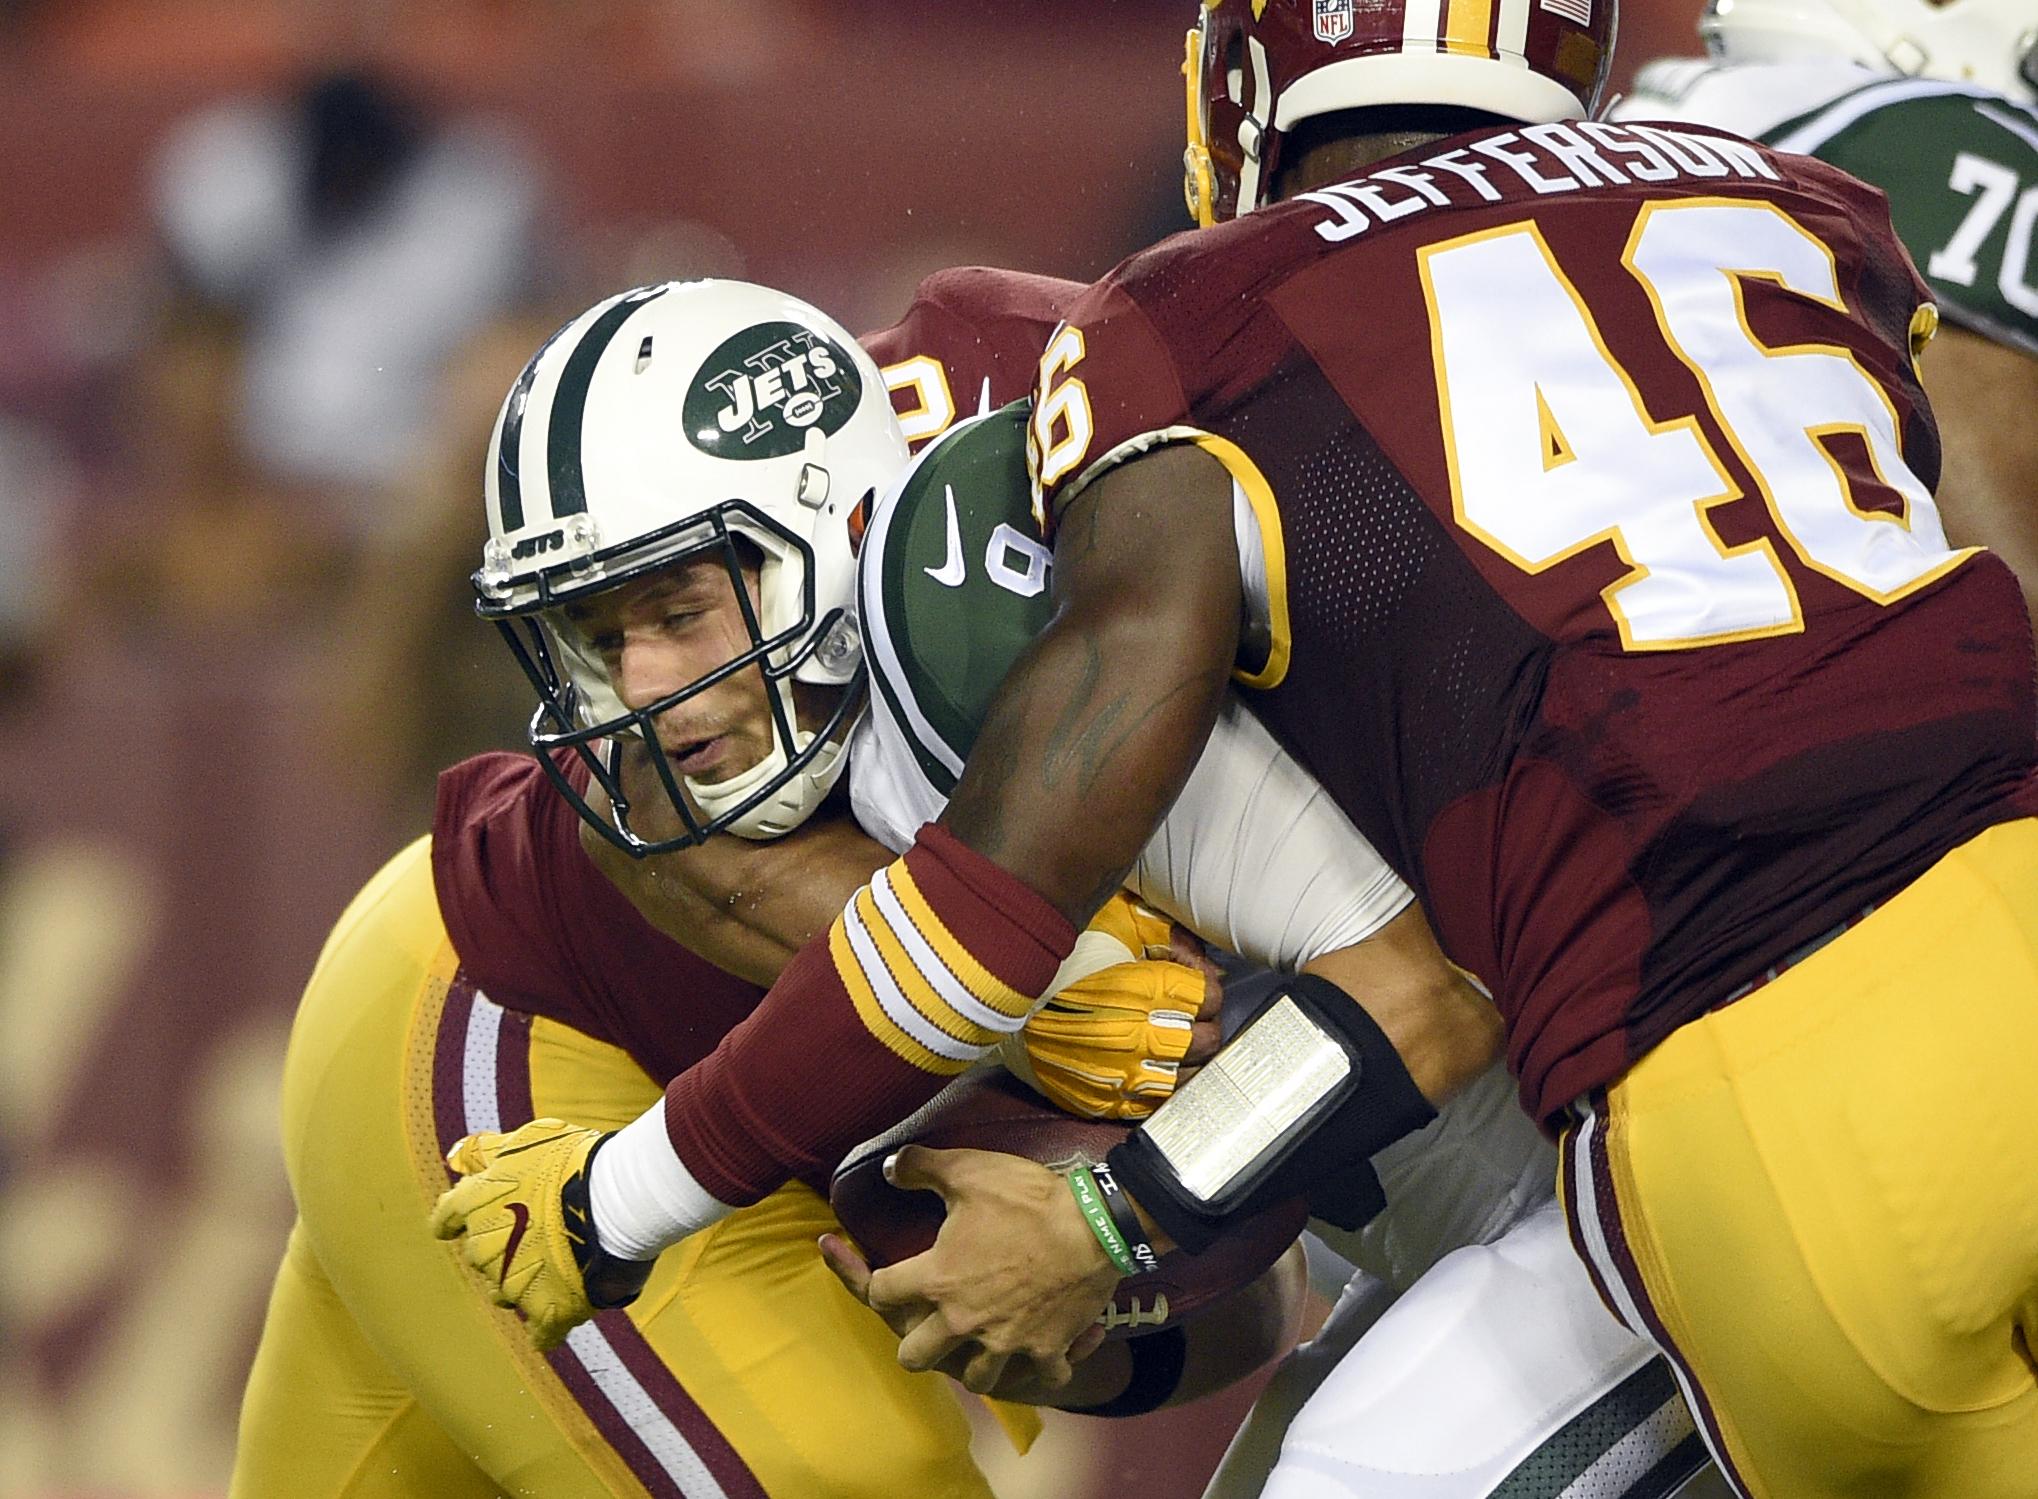 NFL Jerseys - The Latest Willie Jefferson News   SportSpyder